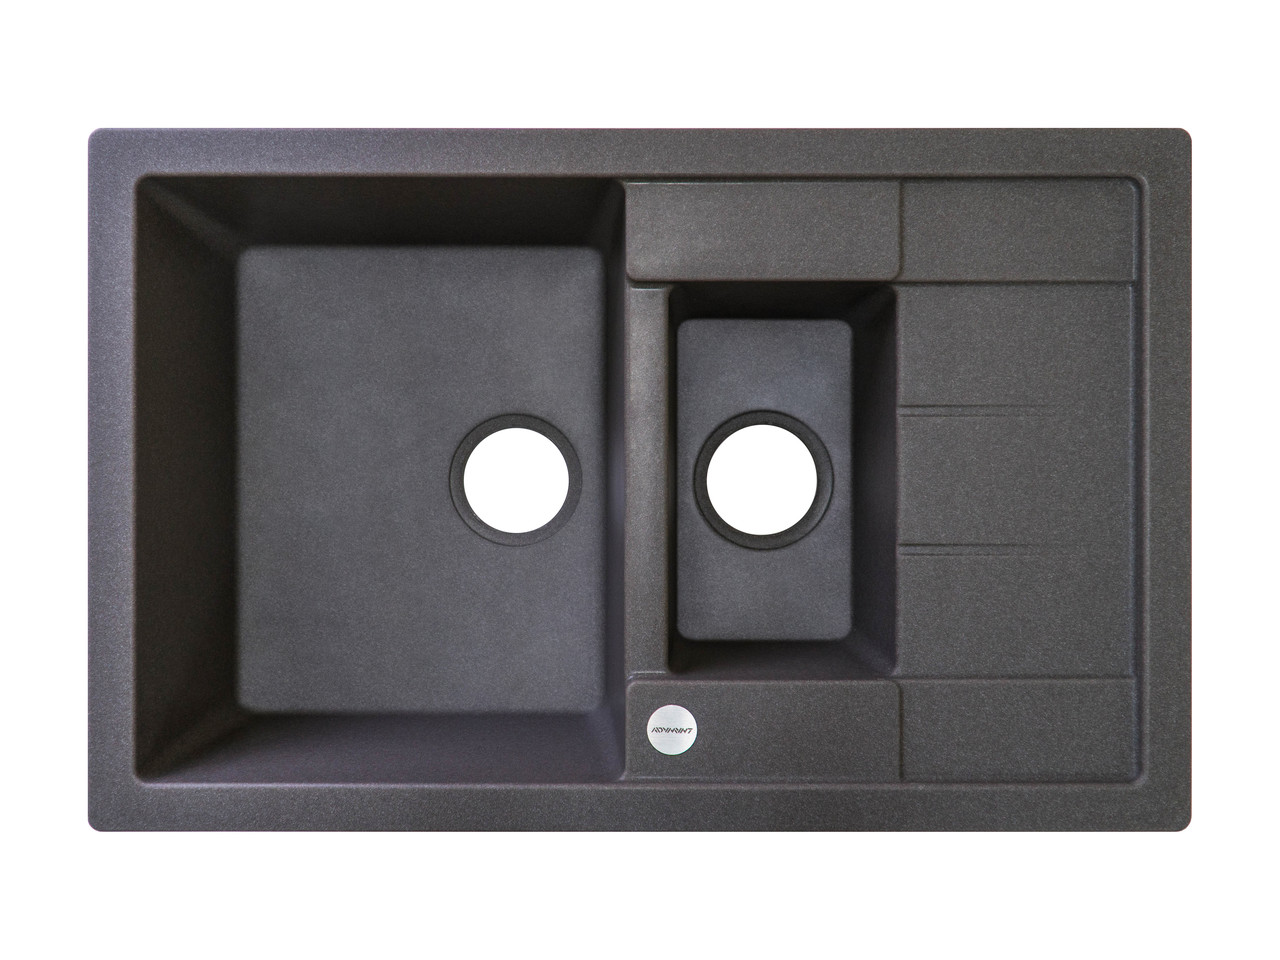 Черная гранитная мойка для кухни гранитная  78*50*20 см ADAMANT ANILA PLUS (темный серый)